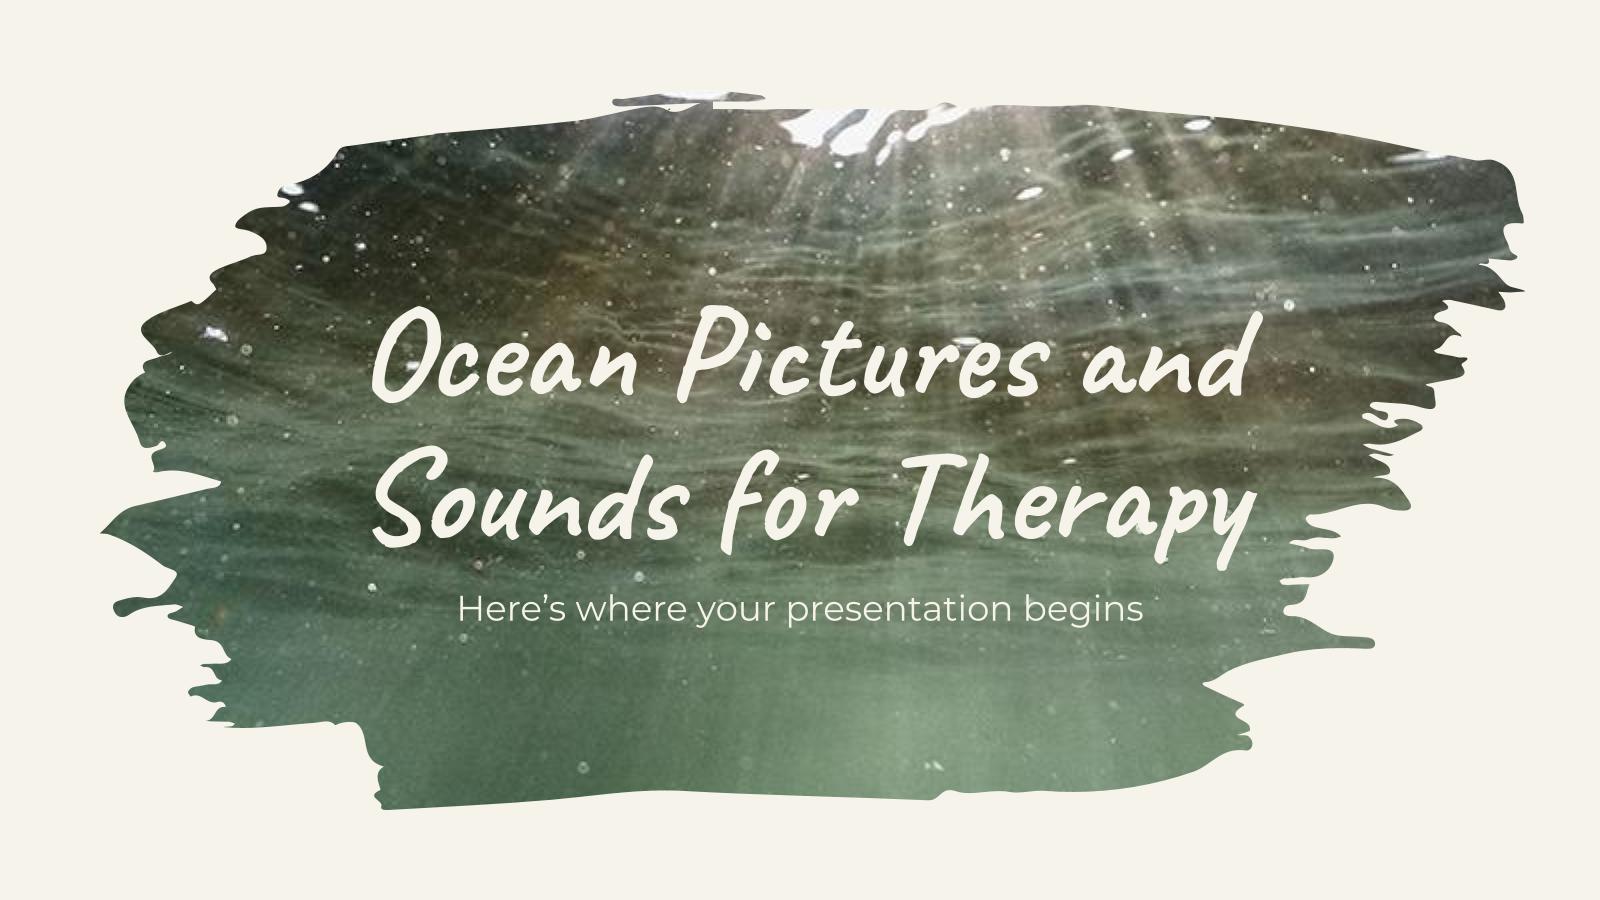 Modelo de apresentação Fotos e sons oceânicos para terapia